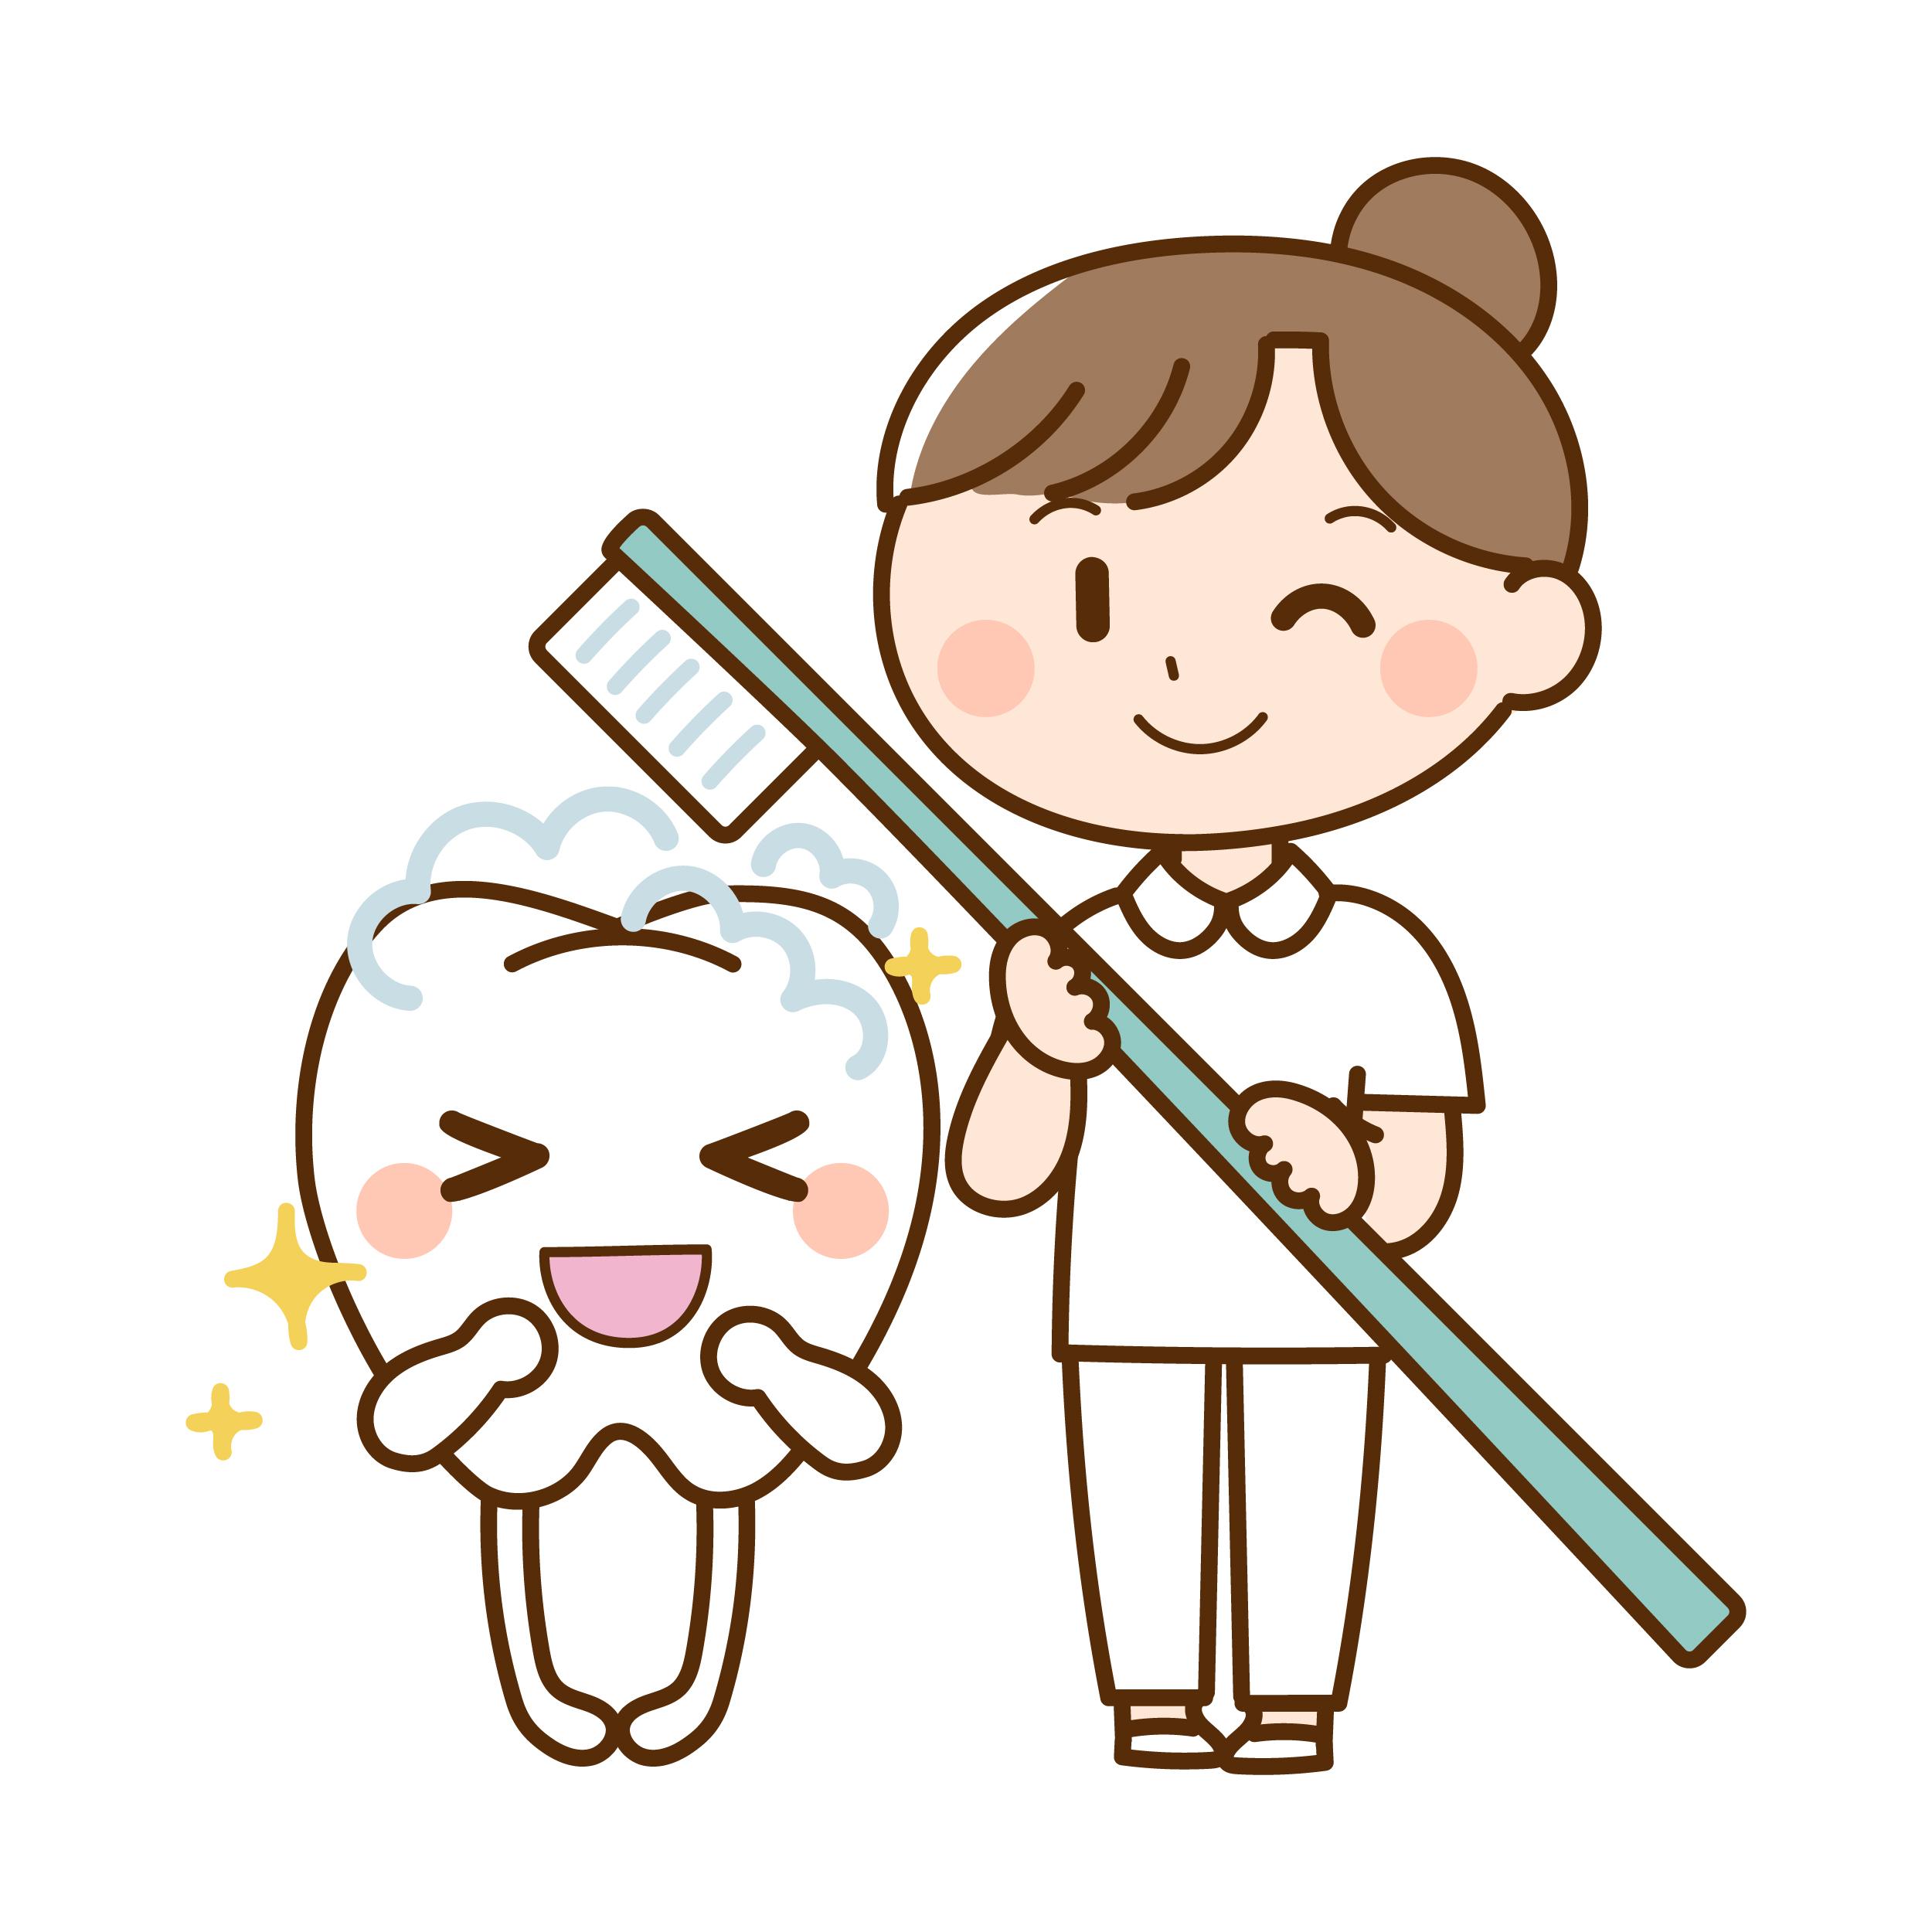 衛生士さんと歯